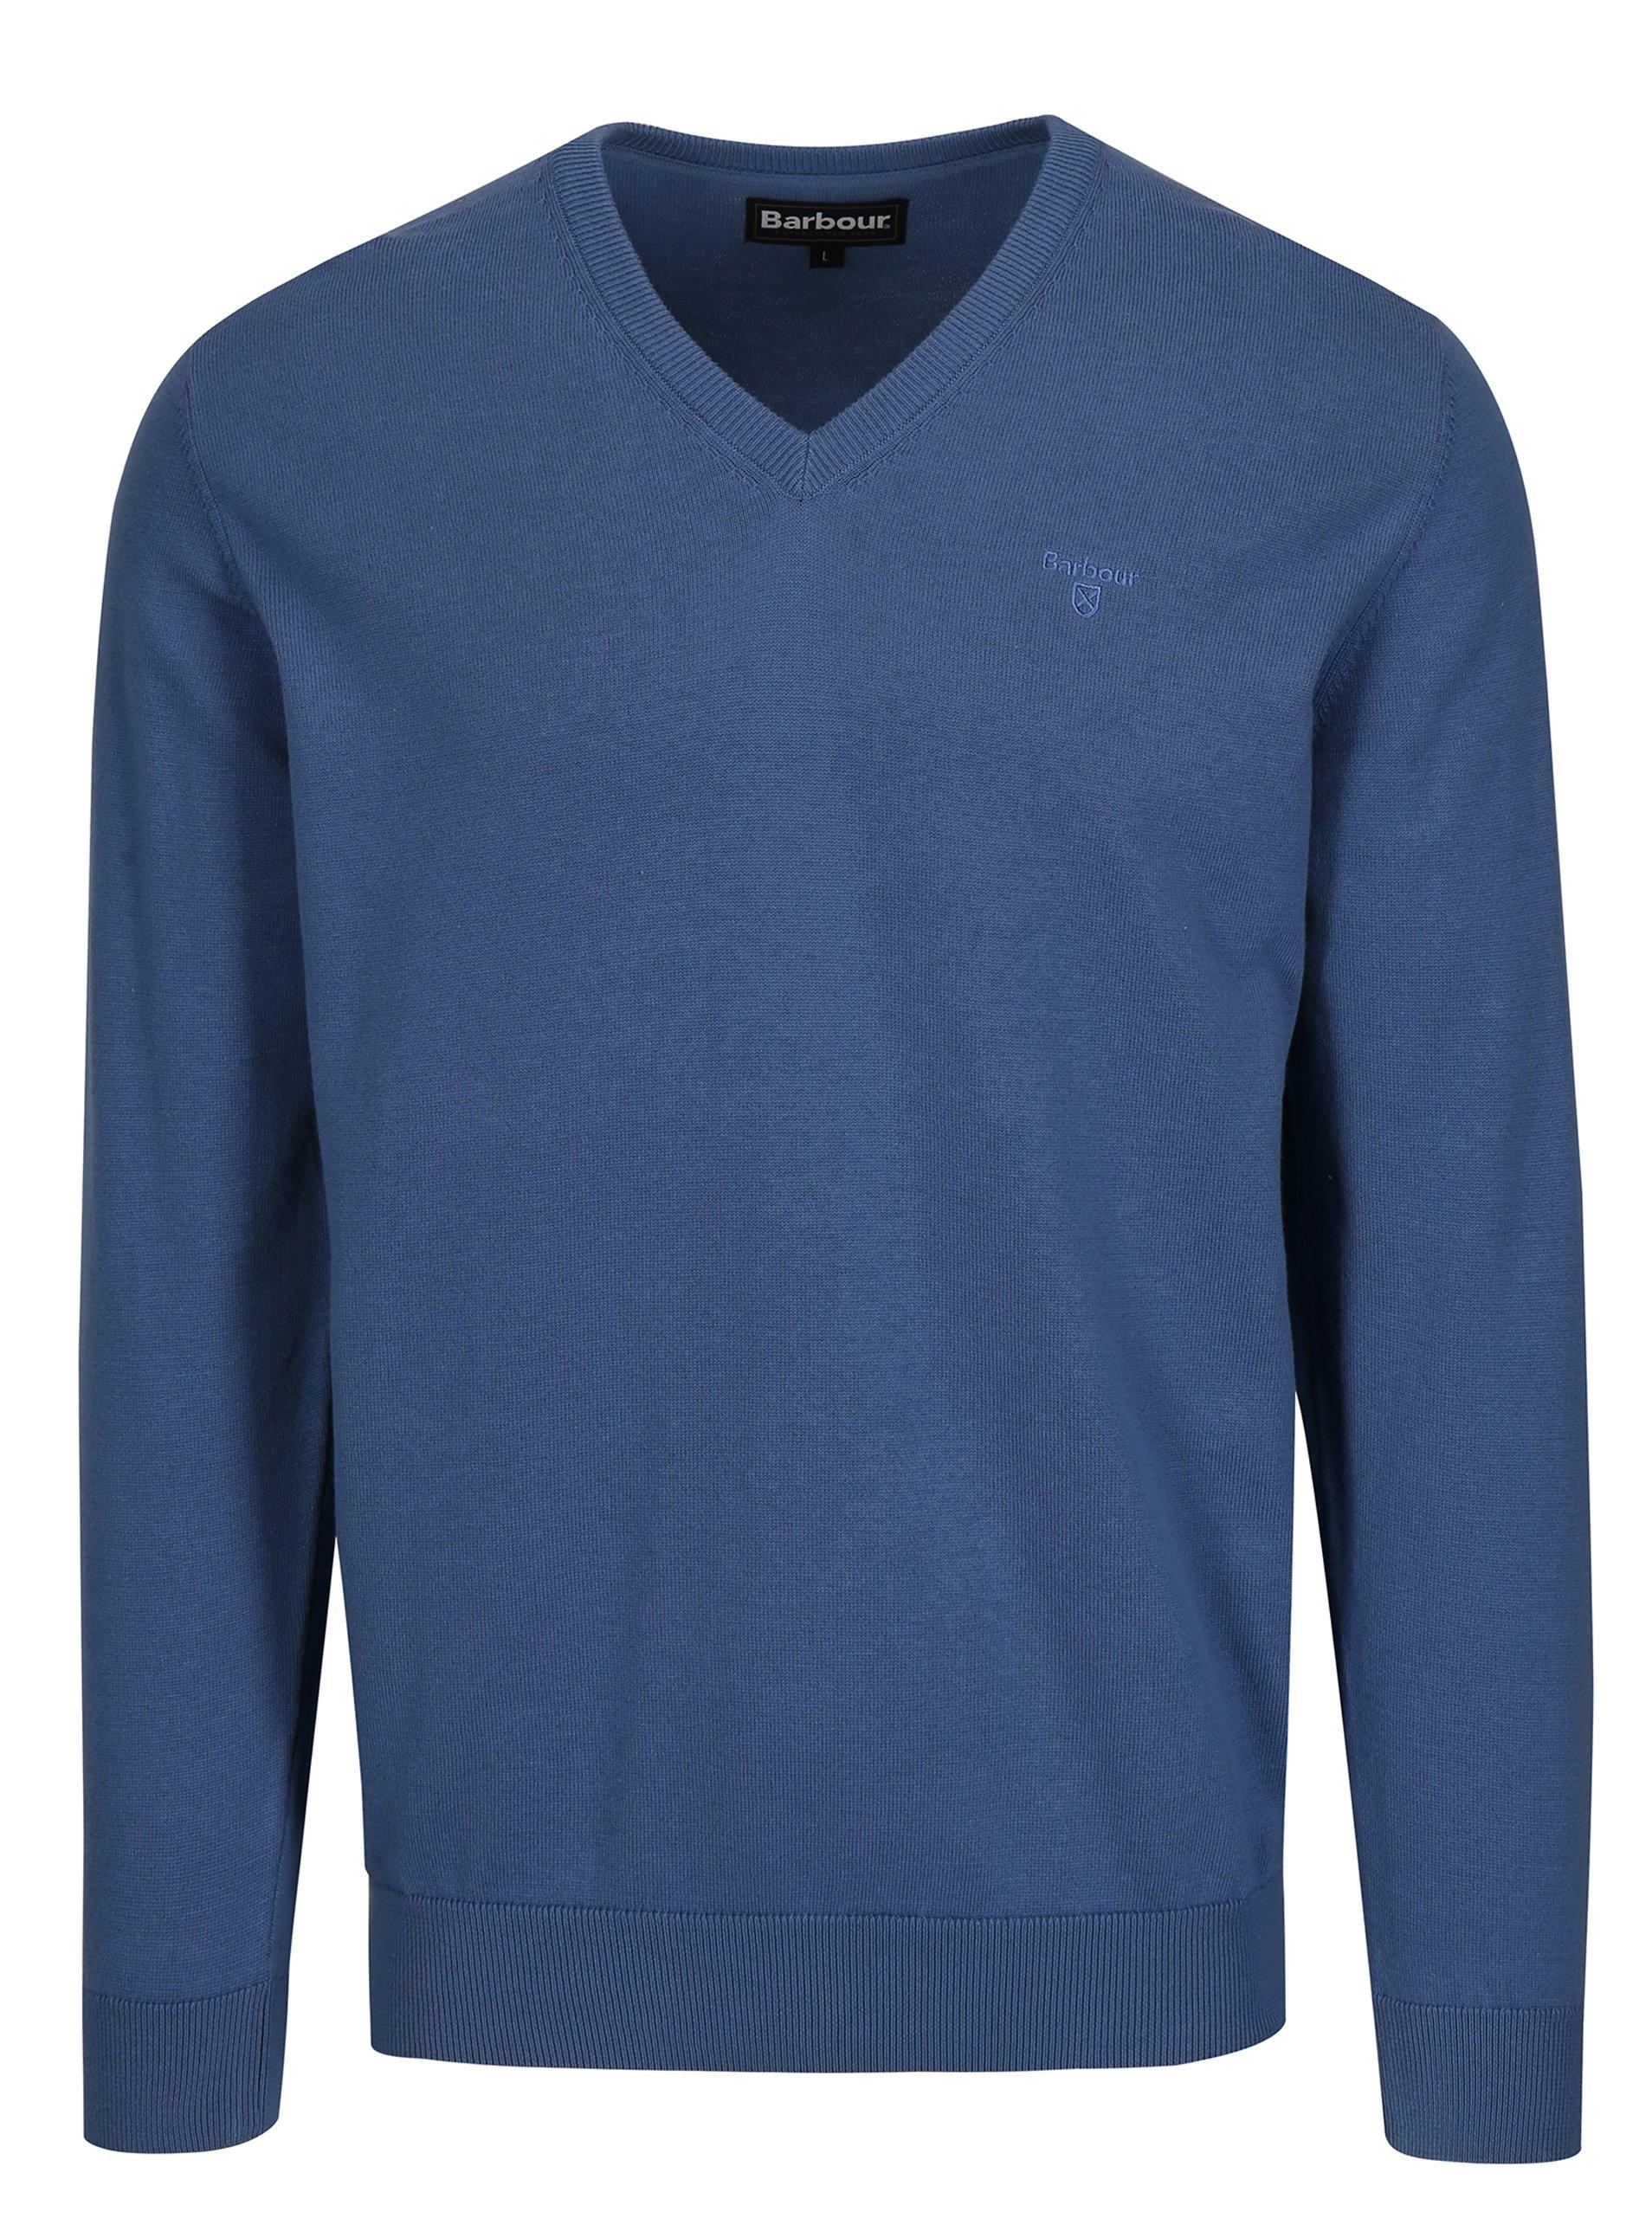 92f3e2c464e0 Modrý sveter s véčkovým výstrihom a výšivkou Barbour Pima